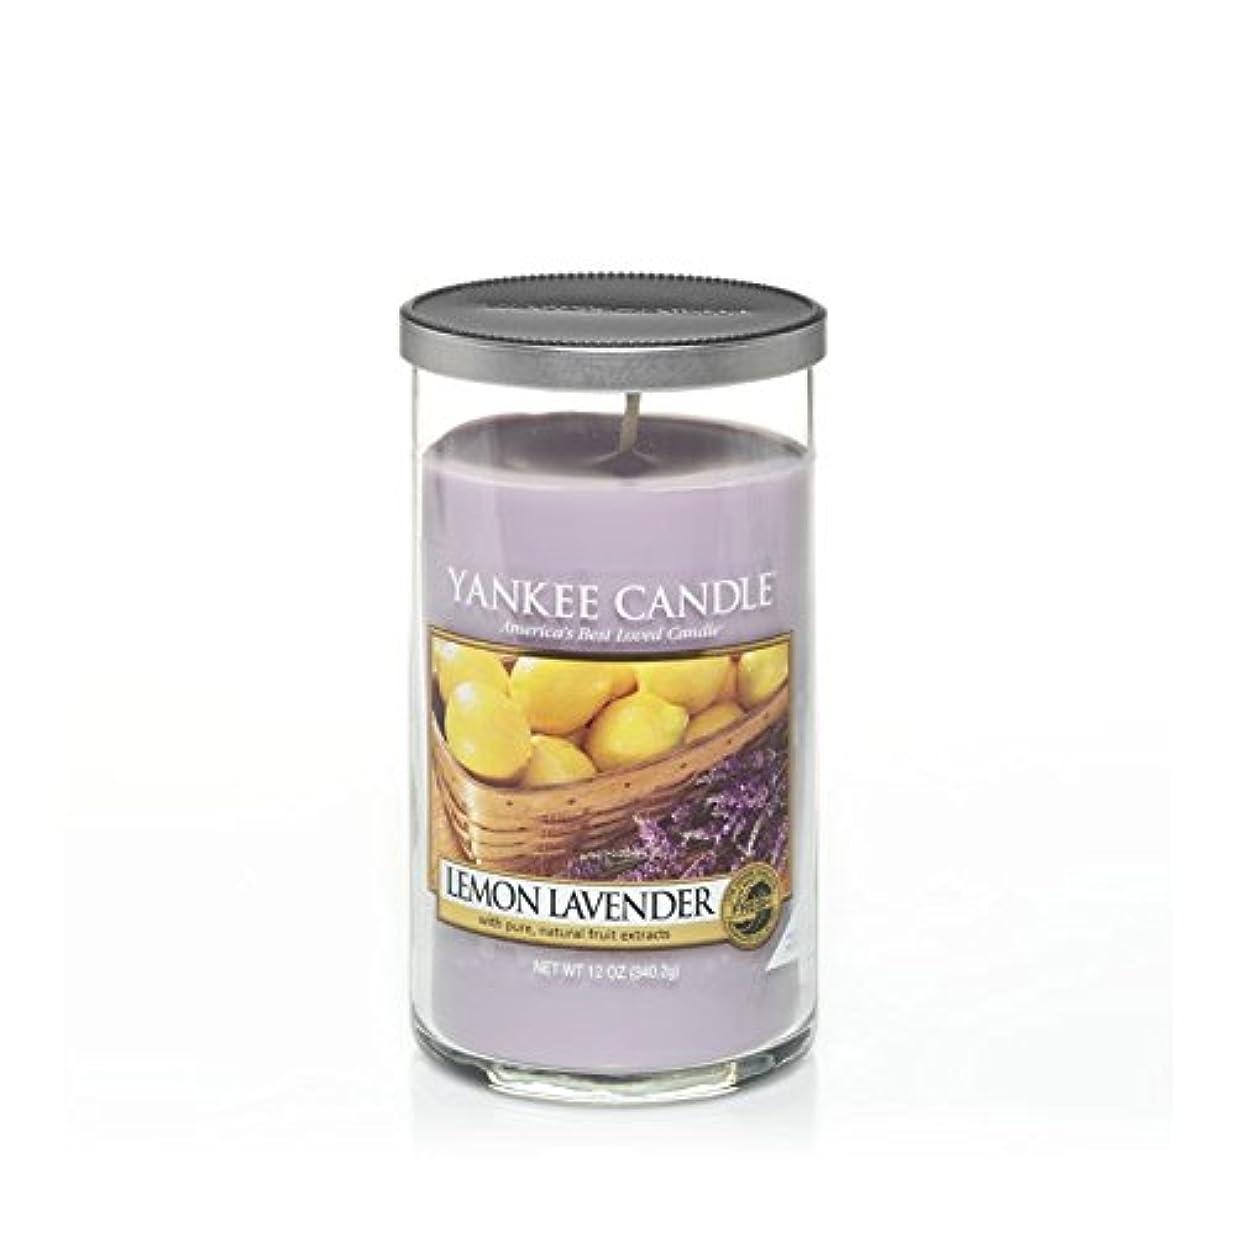 強度傘リングレットヤンキーキャンドルメディアピラーキャンドル - レモンラベンダー - Yankee Candles Medium Pillar Candle - Lemon Lavender (Yankee Candles) [並行輸入品]